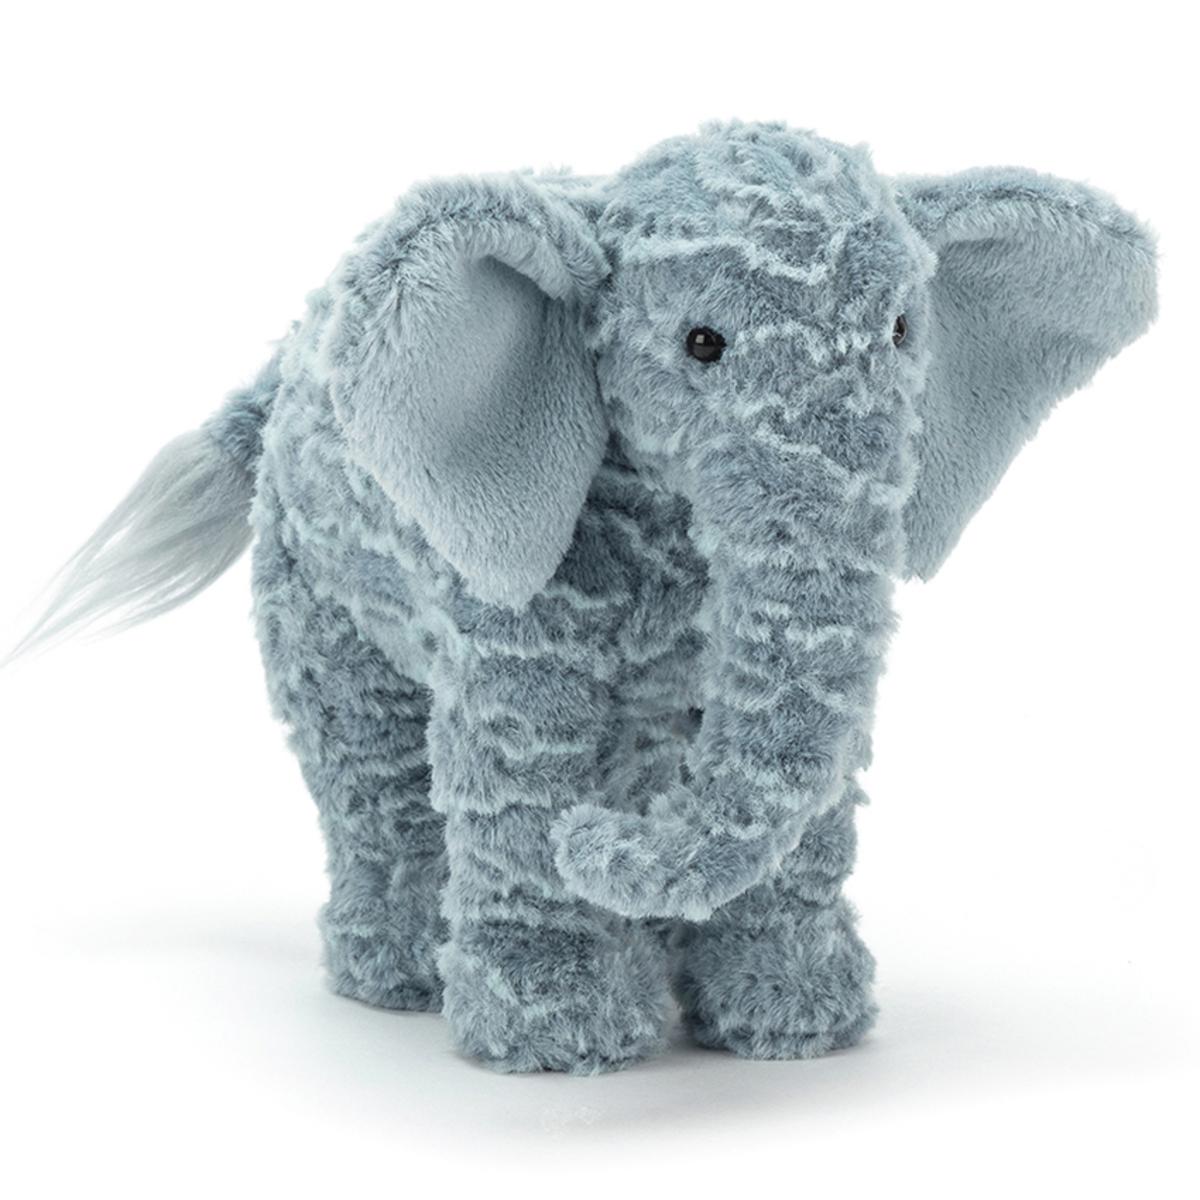 Peluche Eddy Elephant - Large Eddy Elephant - Large